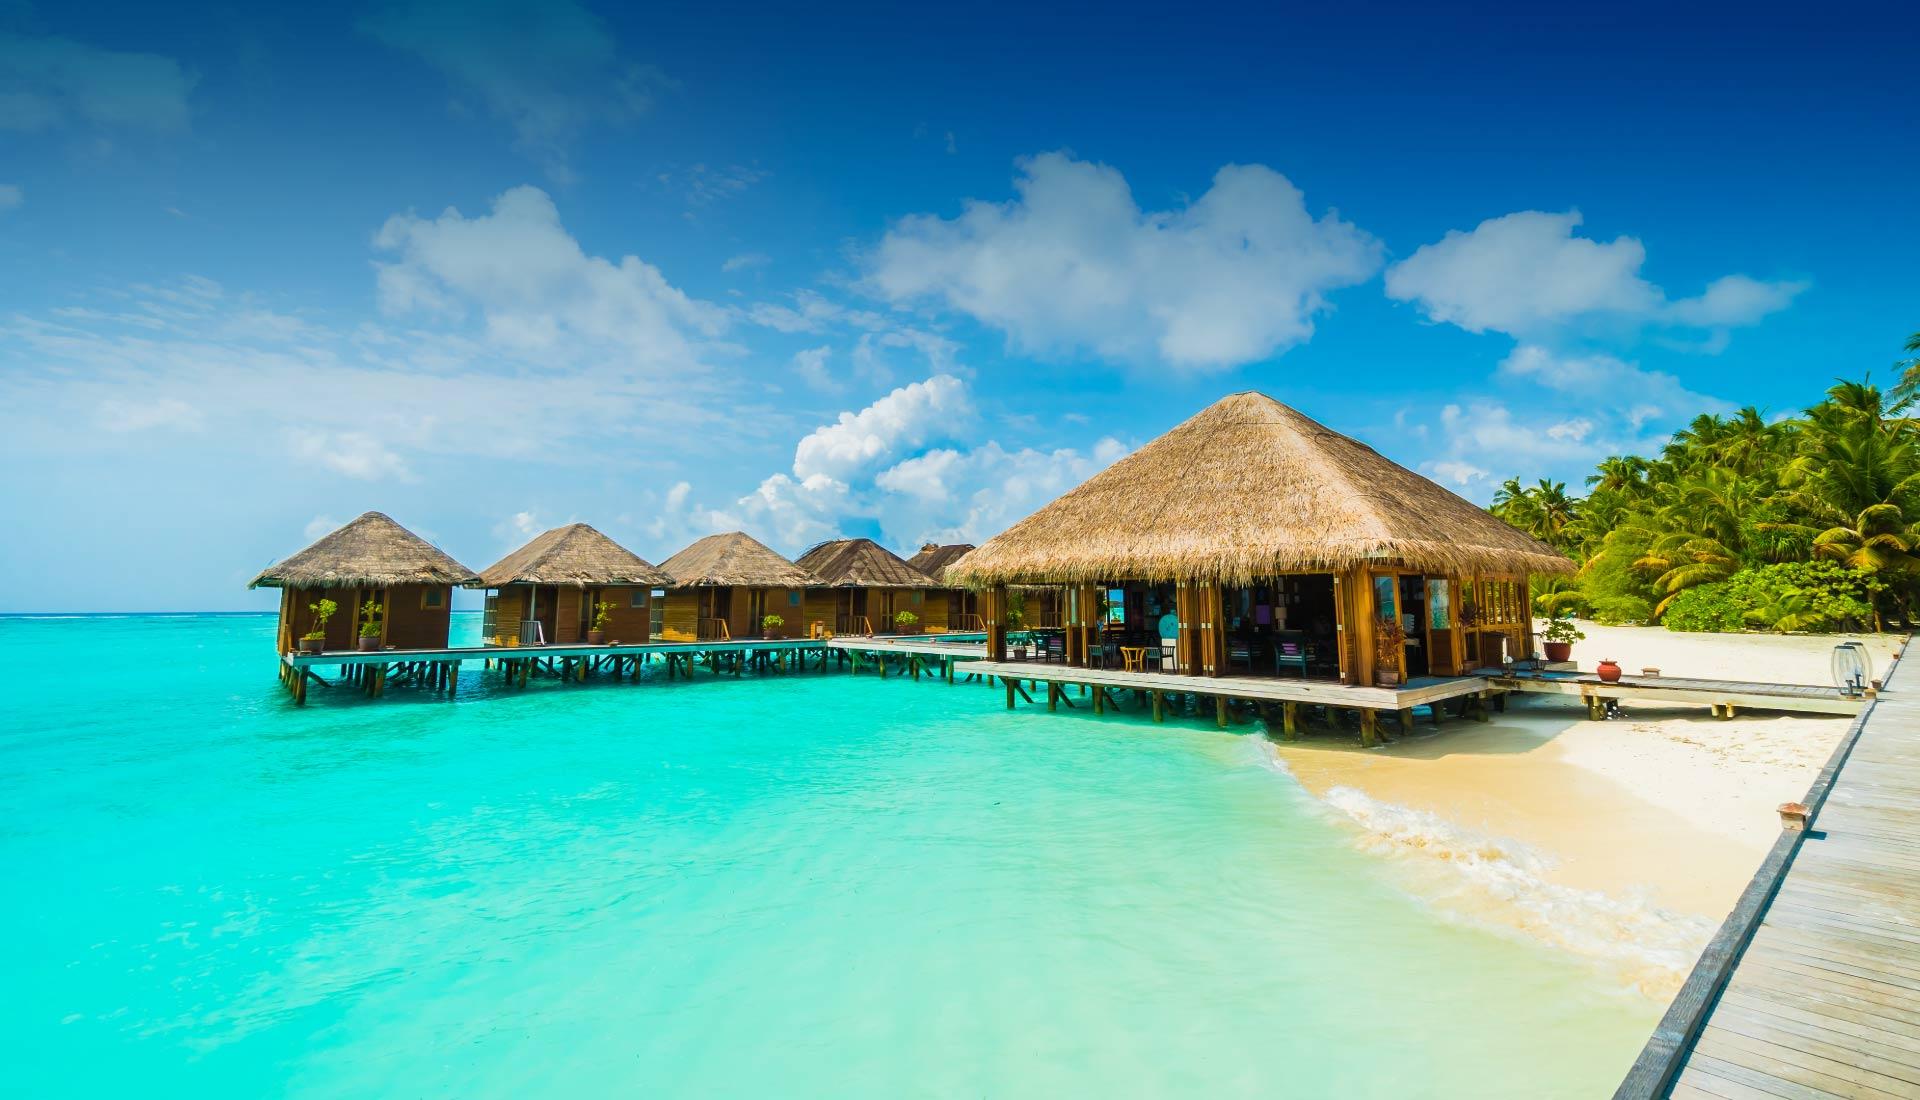 افضل الجزر لقضاء الشتاء في المالديف (5)